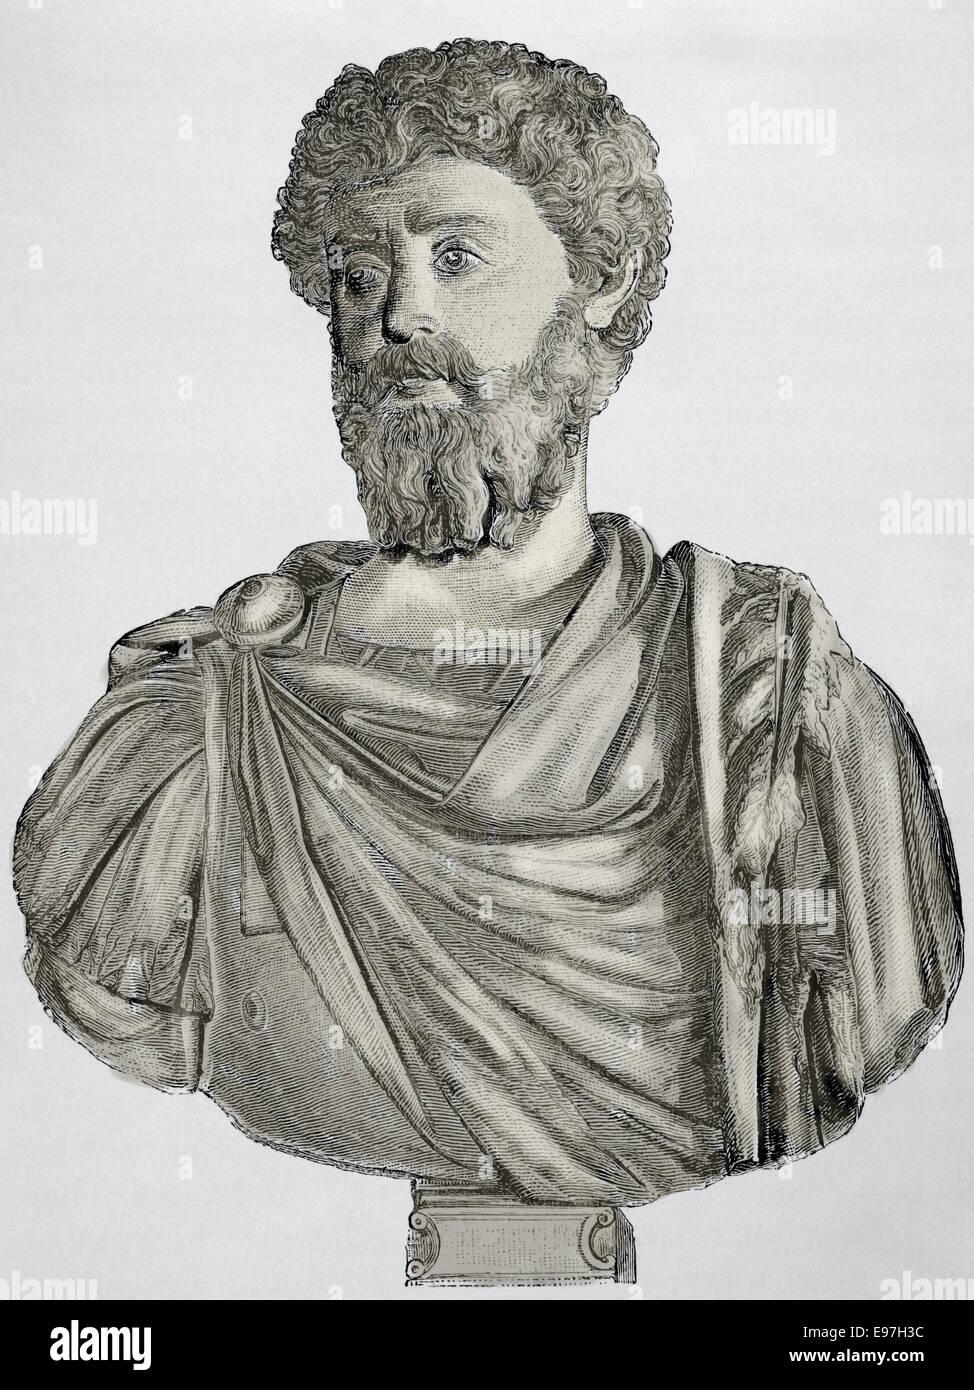 Marcus Aurelius (121-180 AD). Roman Emperor from 161-180. Engraving. Historia Universal, 1881. - Stock Image